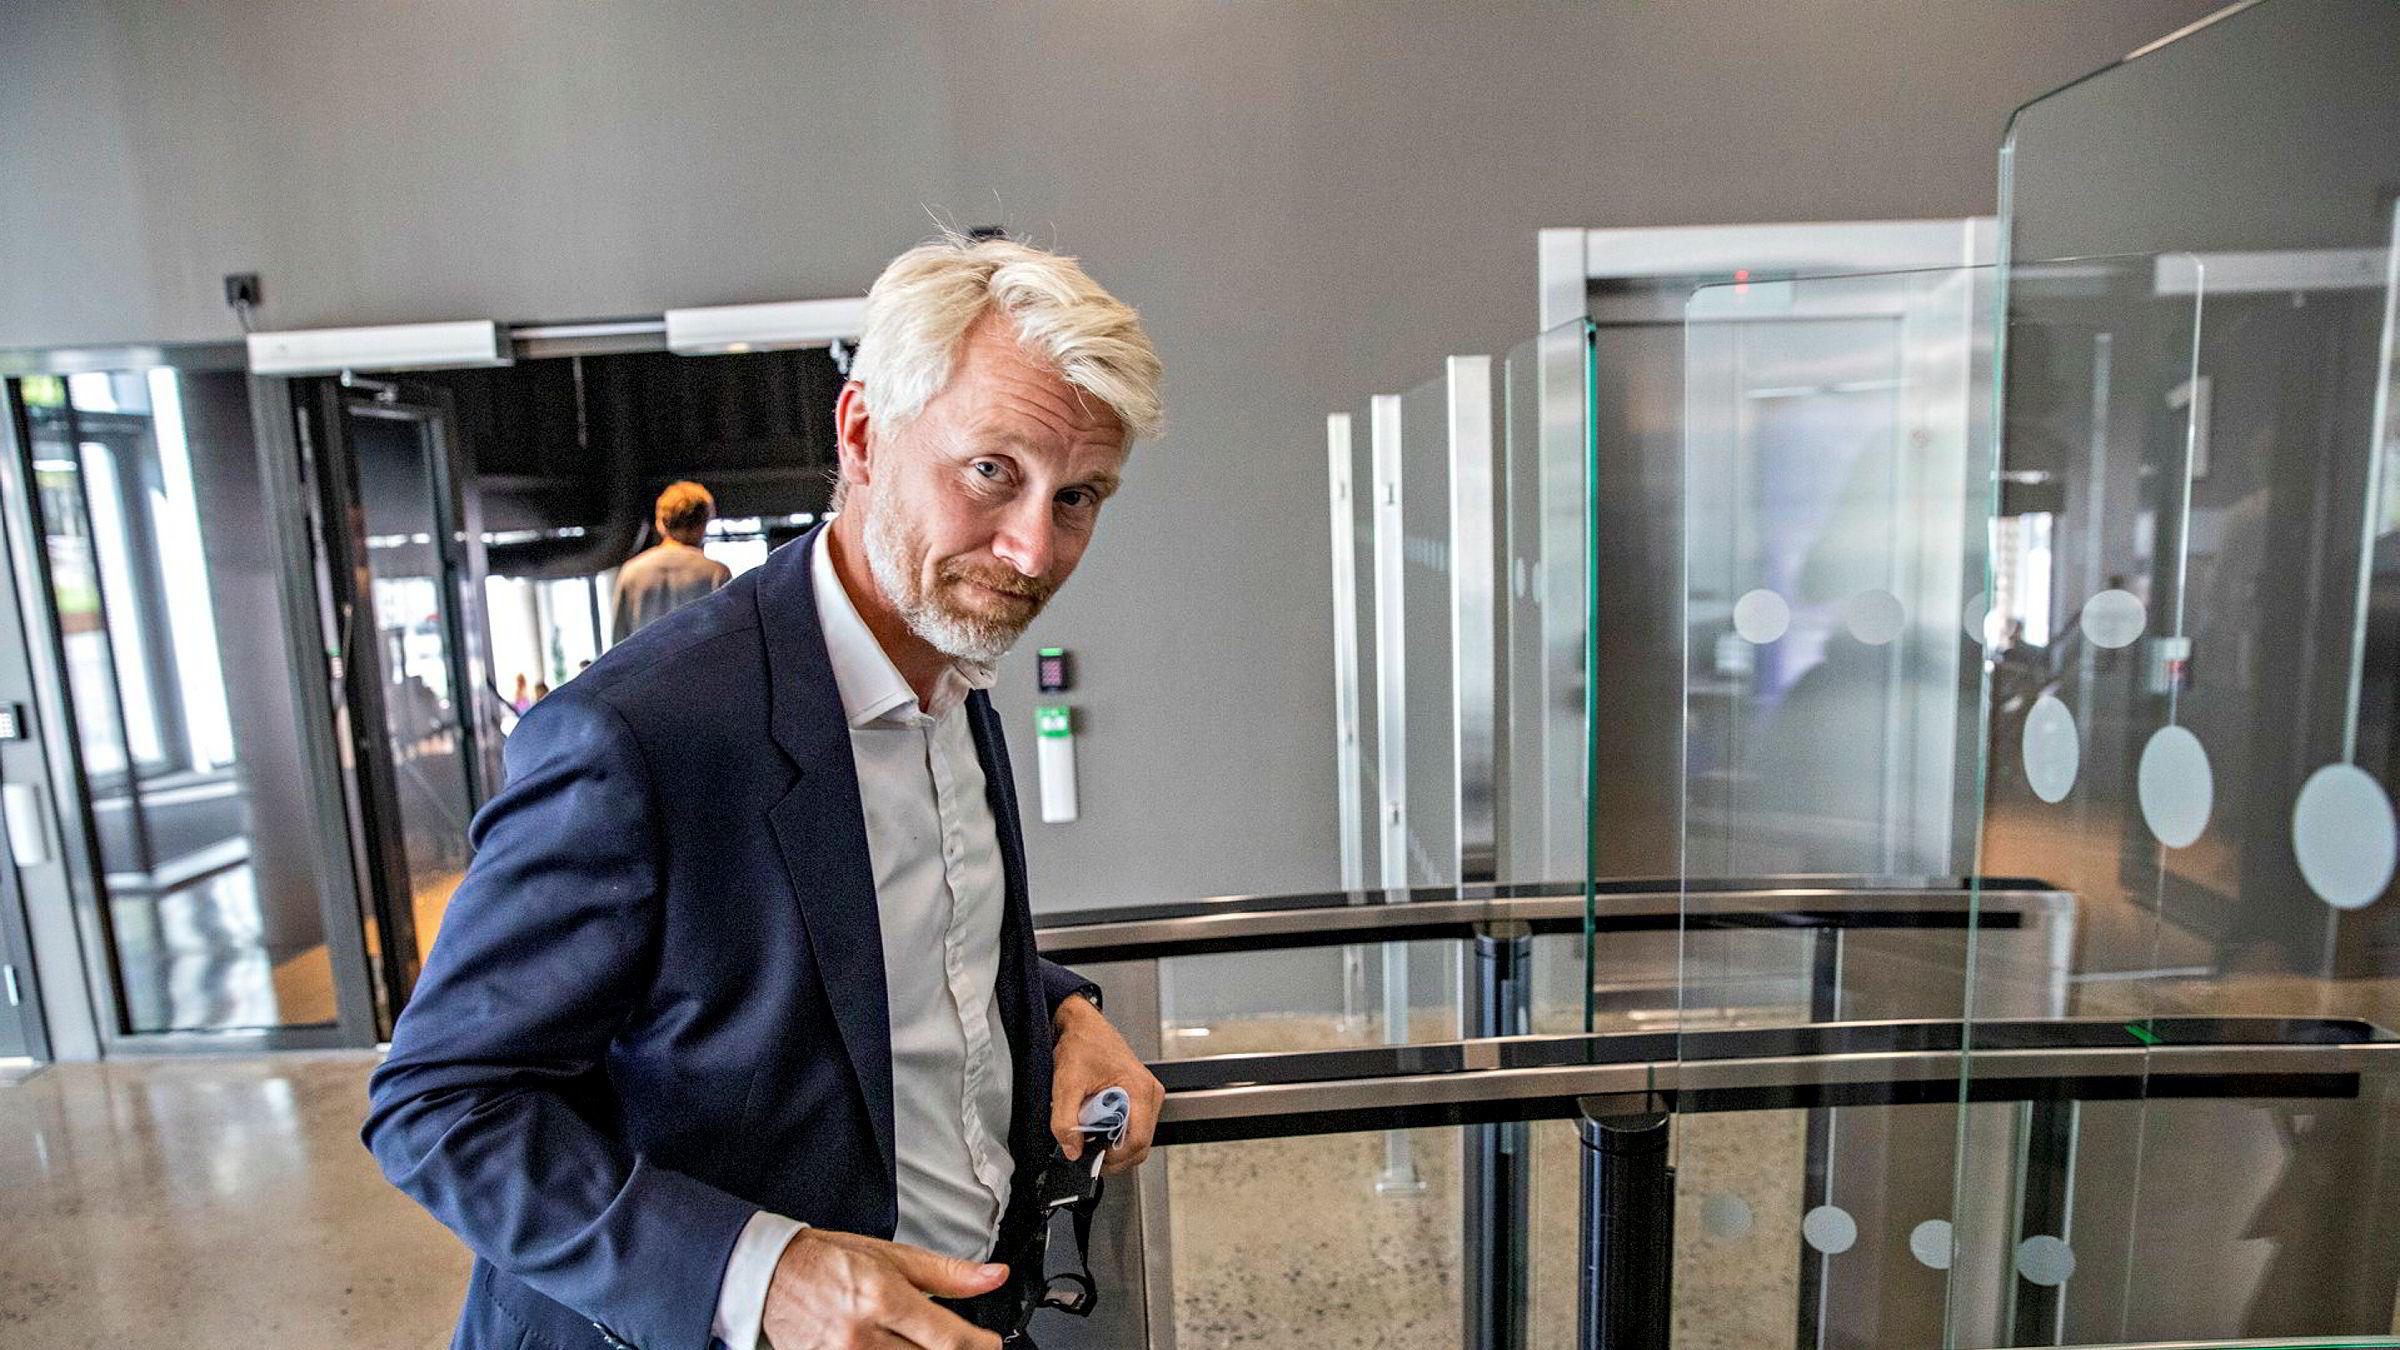 – Det er ingen tvil om at det er krevende å drive journalistikk på fagområder som er vanskelig tilgjengelige, sier TV 2-sjef Olav Sandnes.